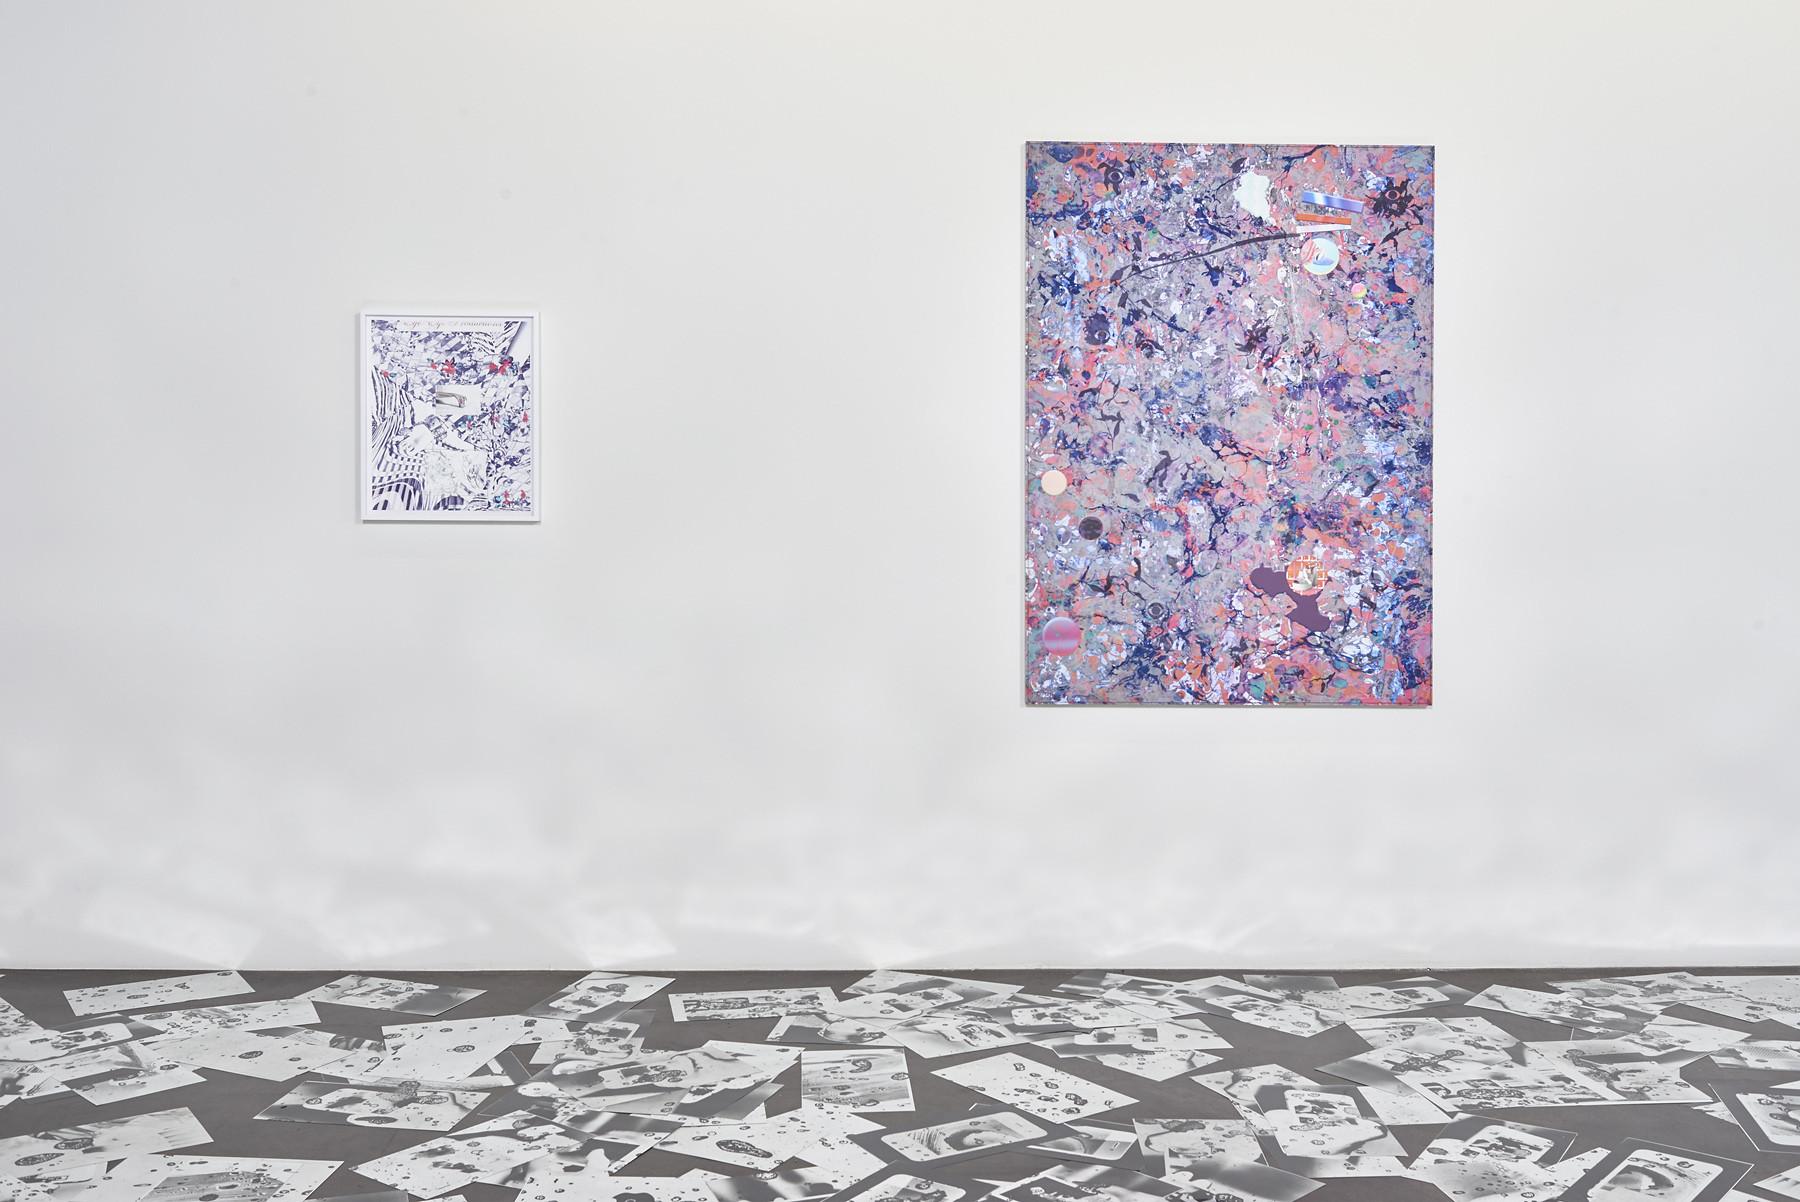 Mull_fused-space-Nov-2015_Theoretical-Children_Installation-view_medium-res-4